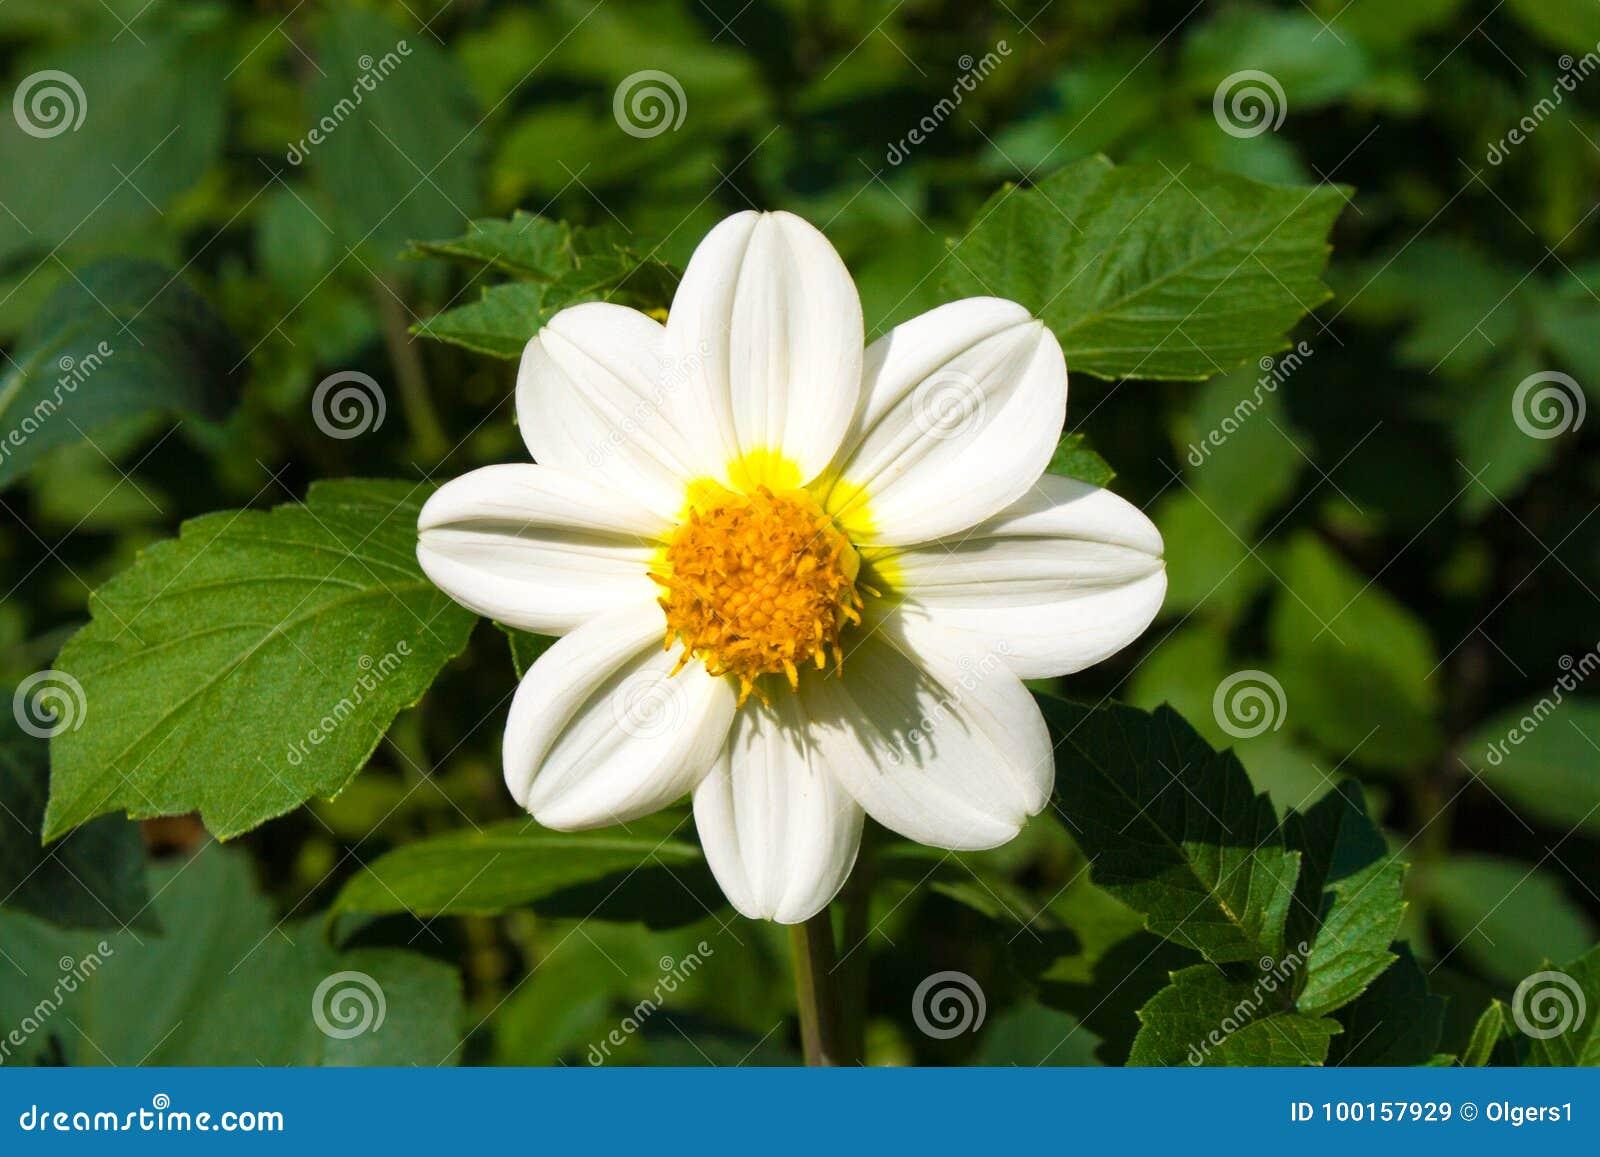 Красивый белый цветок георгина